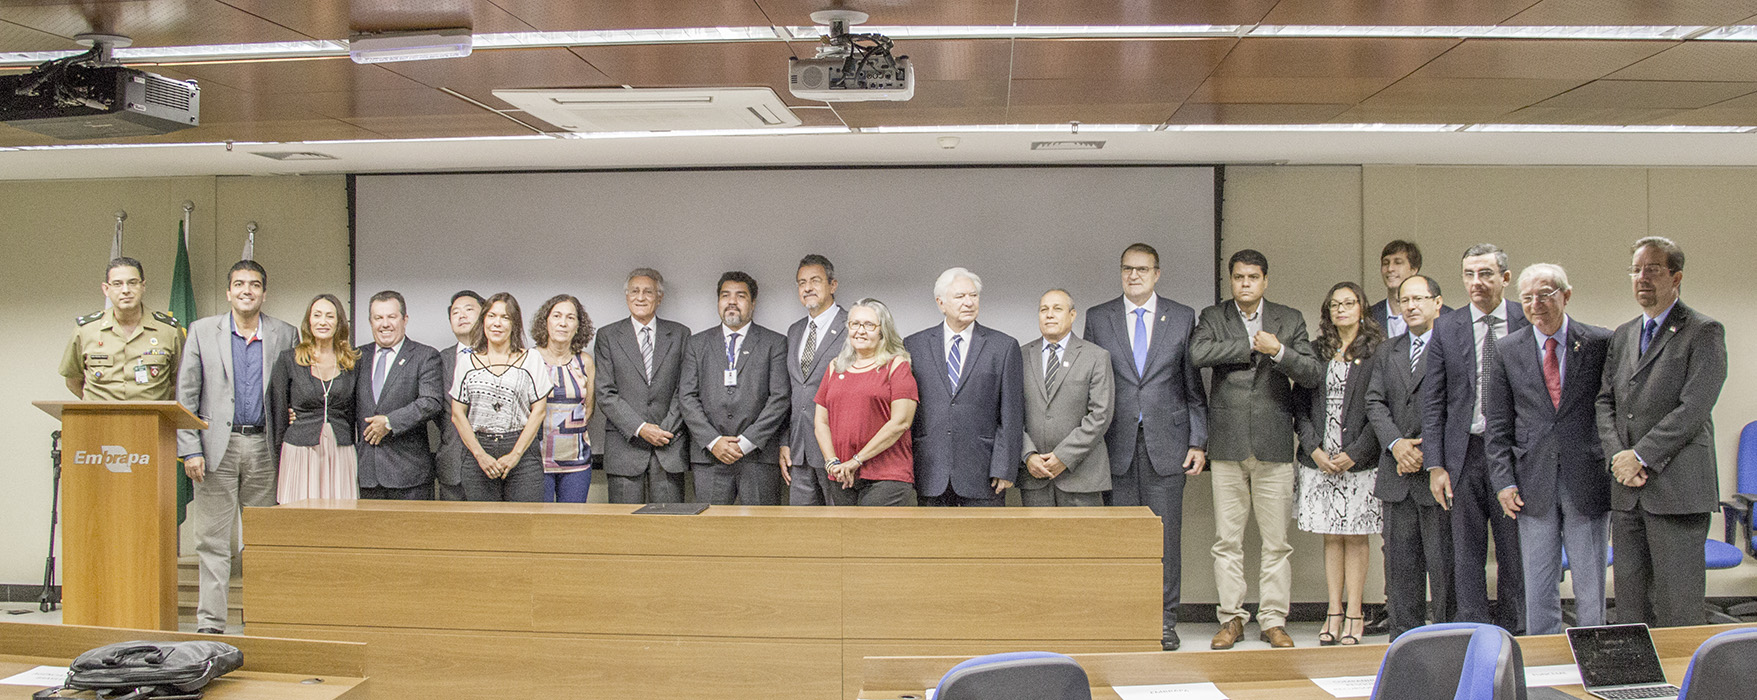 Fabio Reynol - Instituições se unem na maior parceria já realizada para mapear os solos do Brasil